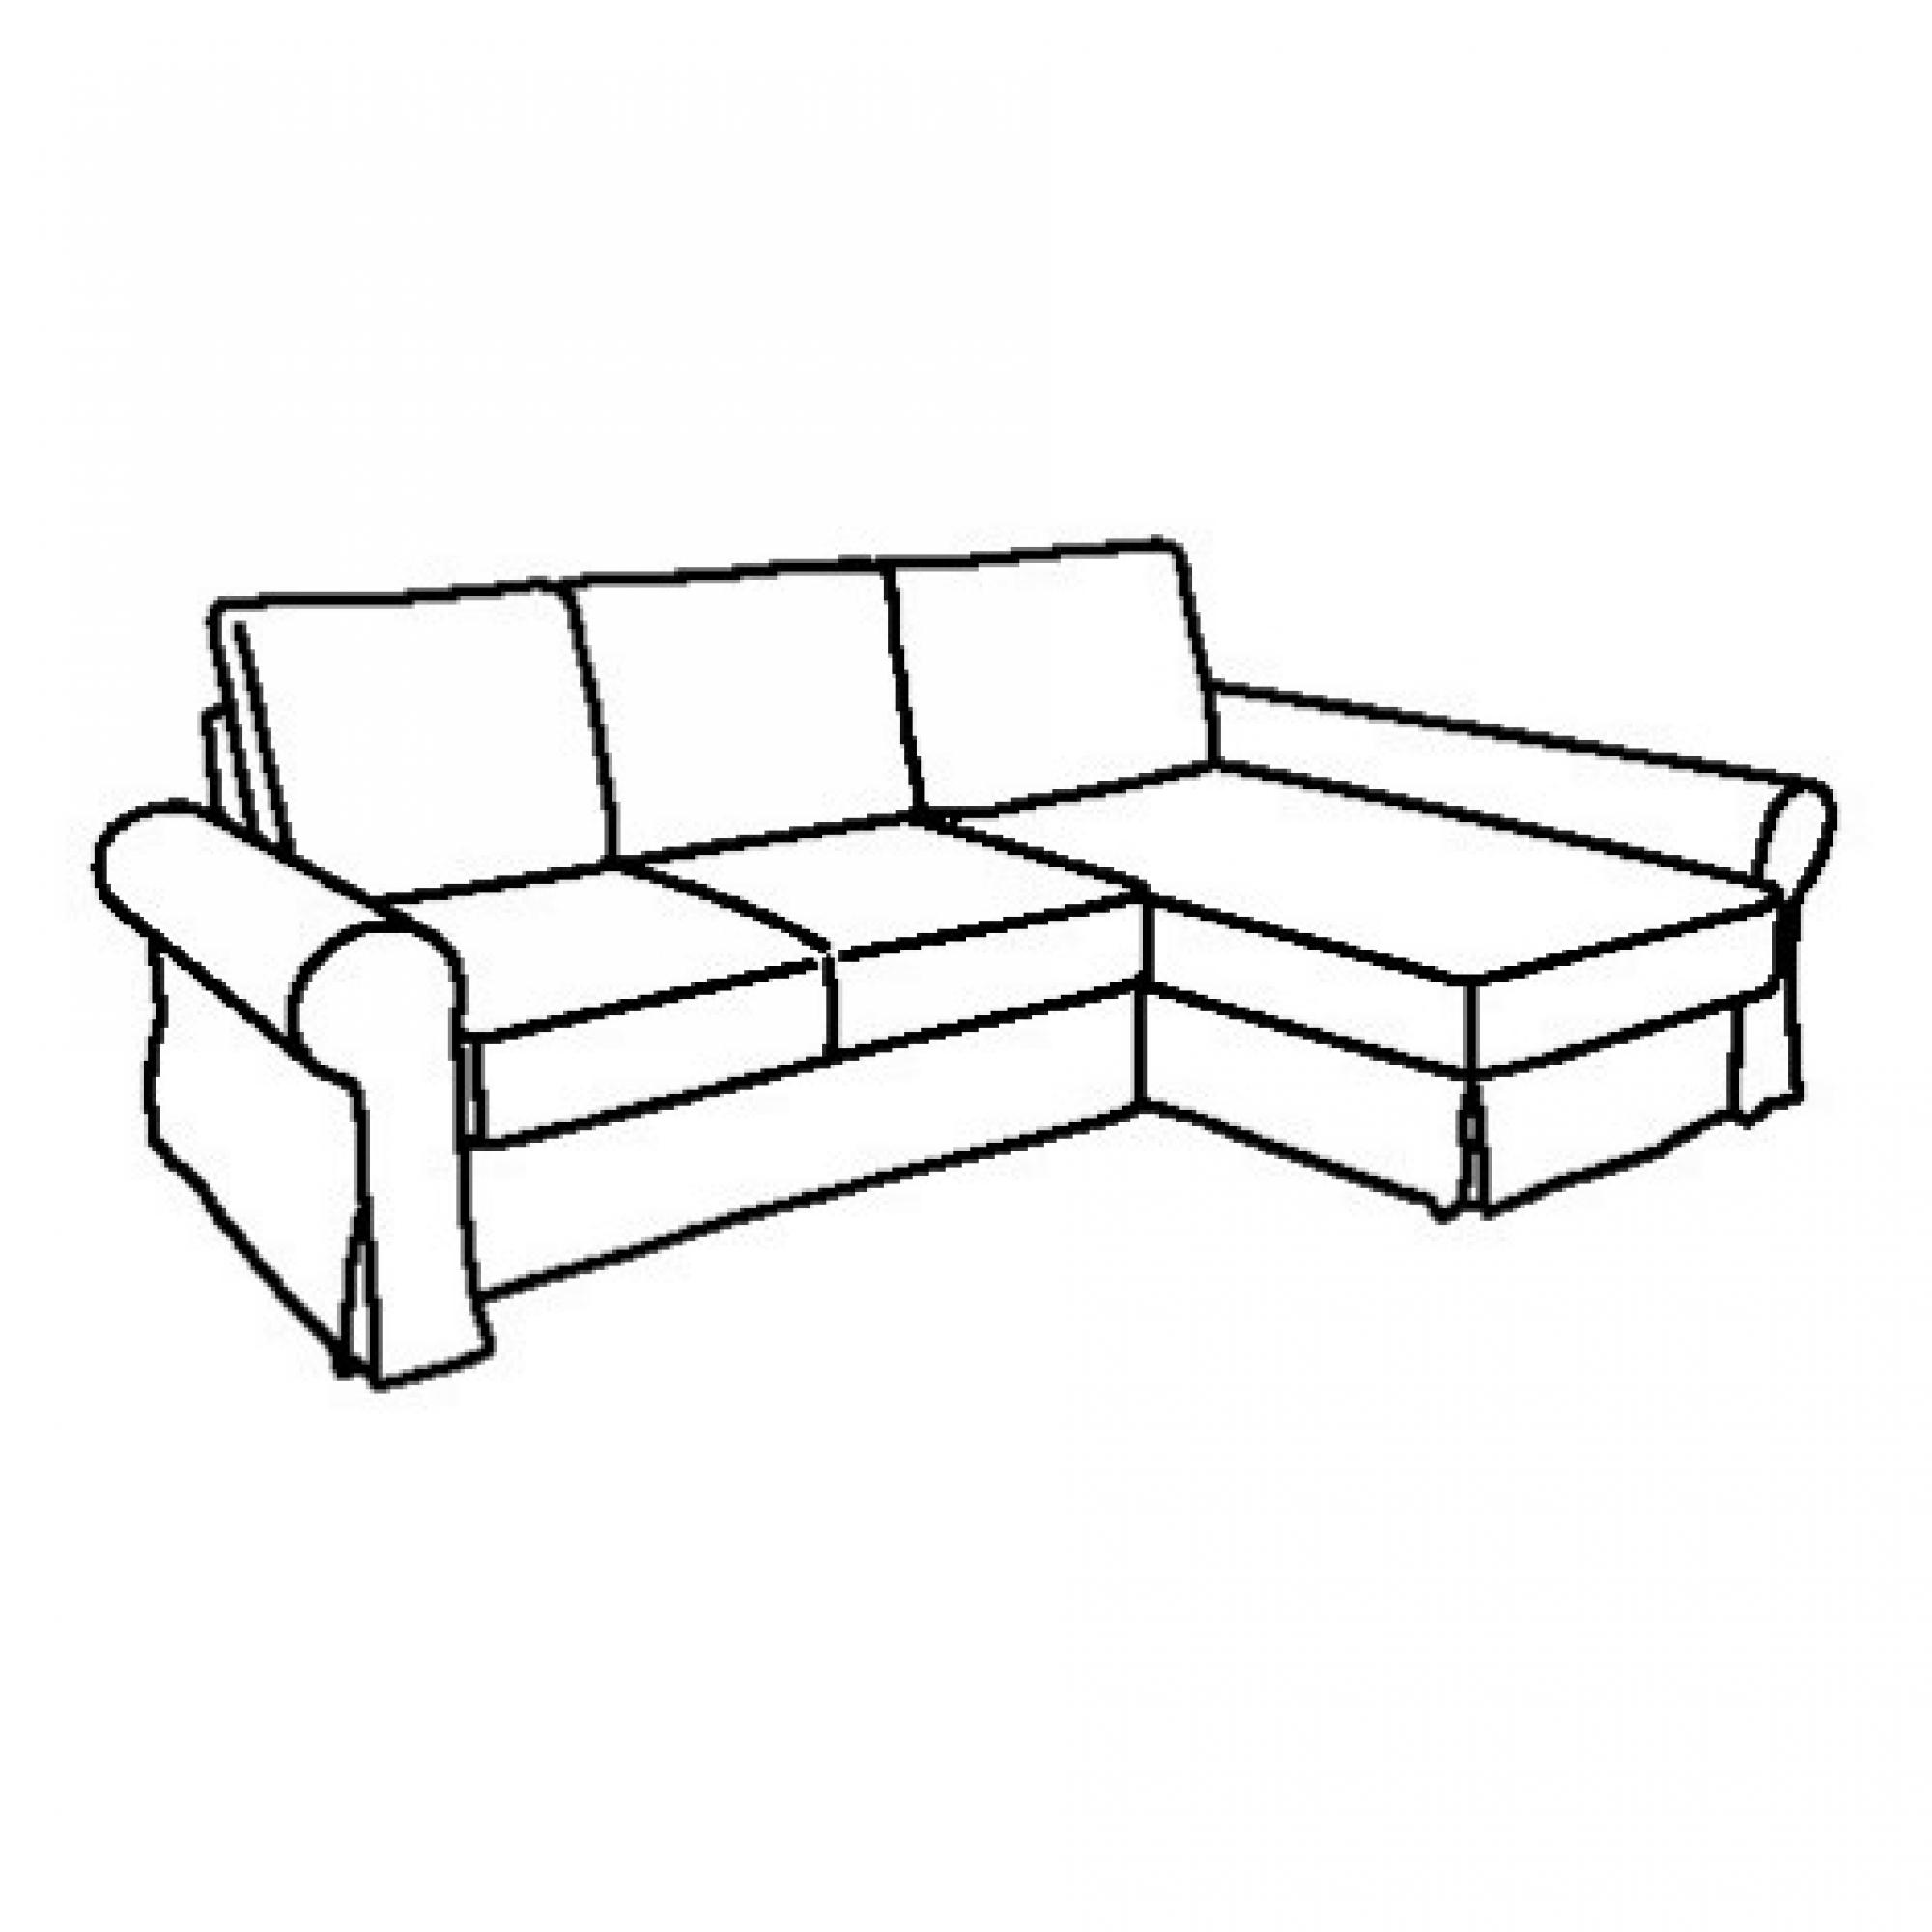 BACKABRO Estruc sofá cama 3 plazas con diván dcha/izda